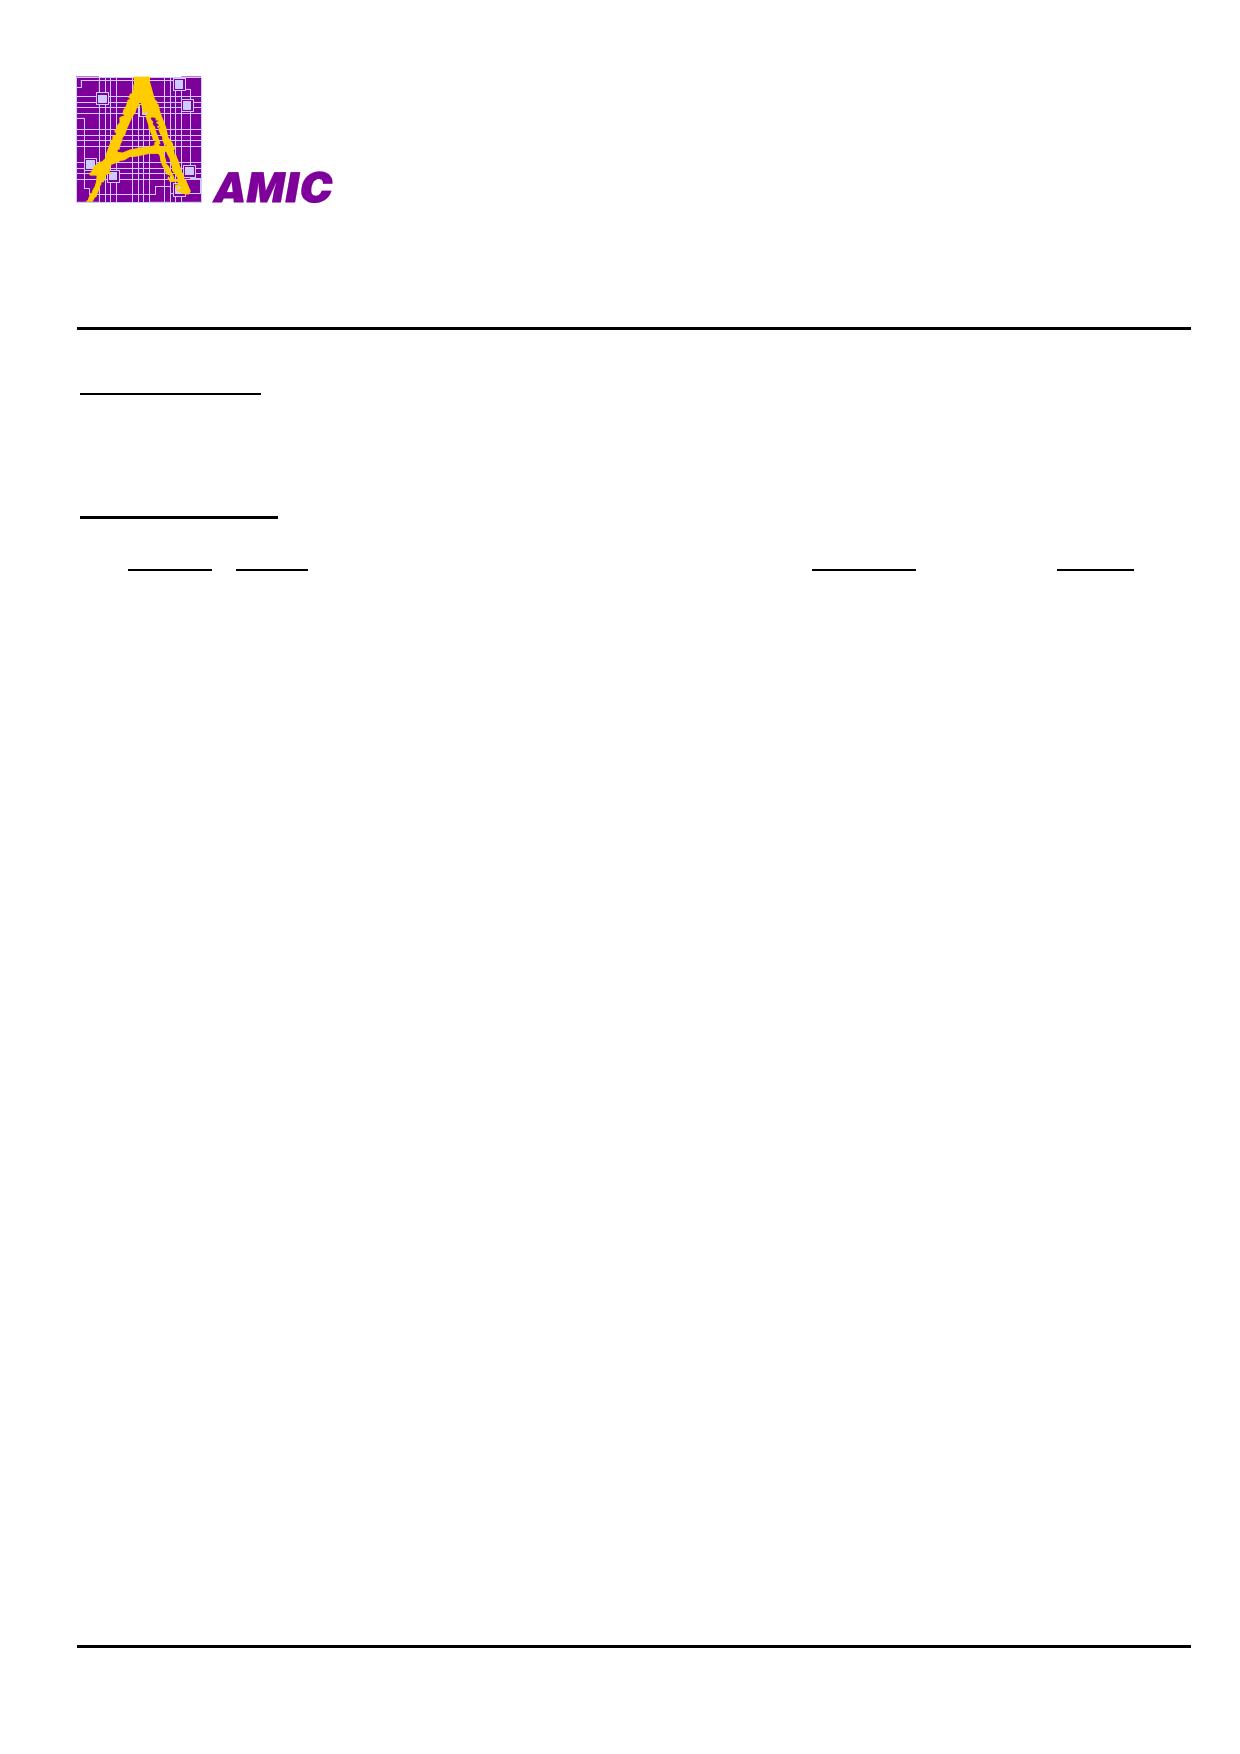 A25LQ16 datasheet, circuit